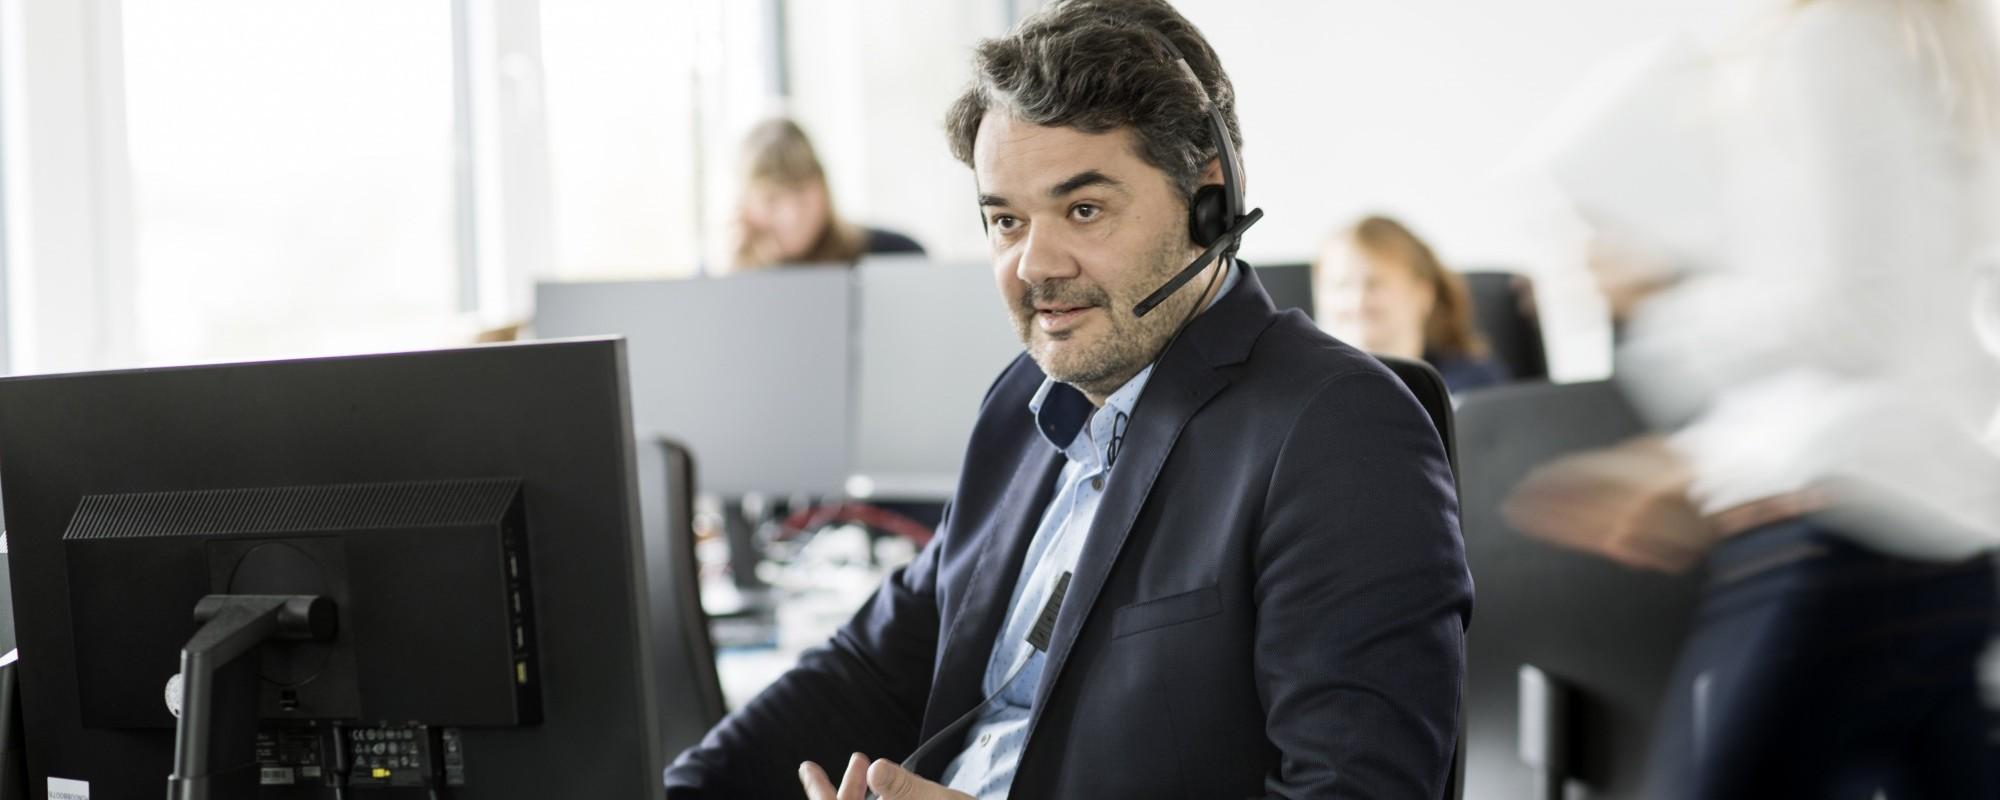 Ein Mann in einem voll besetzten Büro. Er sitzt mit einem Headset an seinem Schreibtisch und führt ein Telefonat.